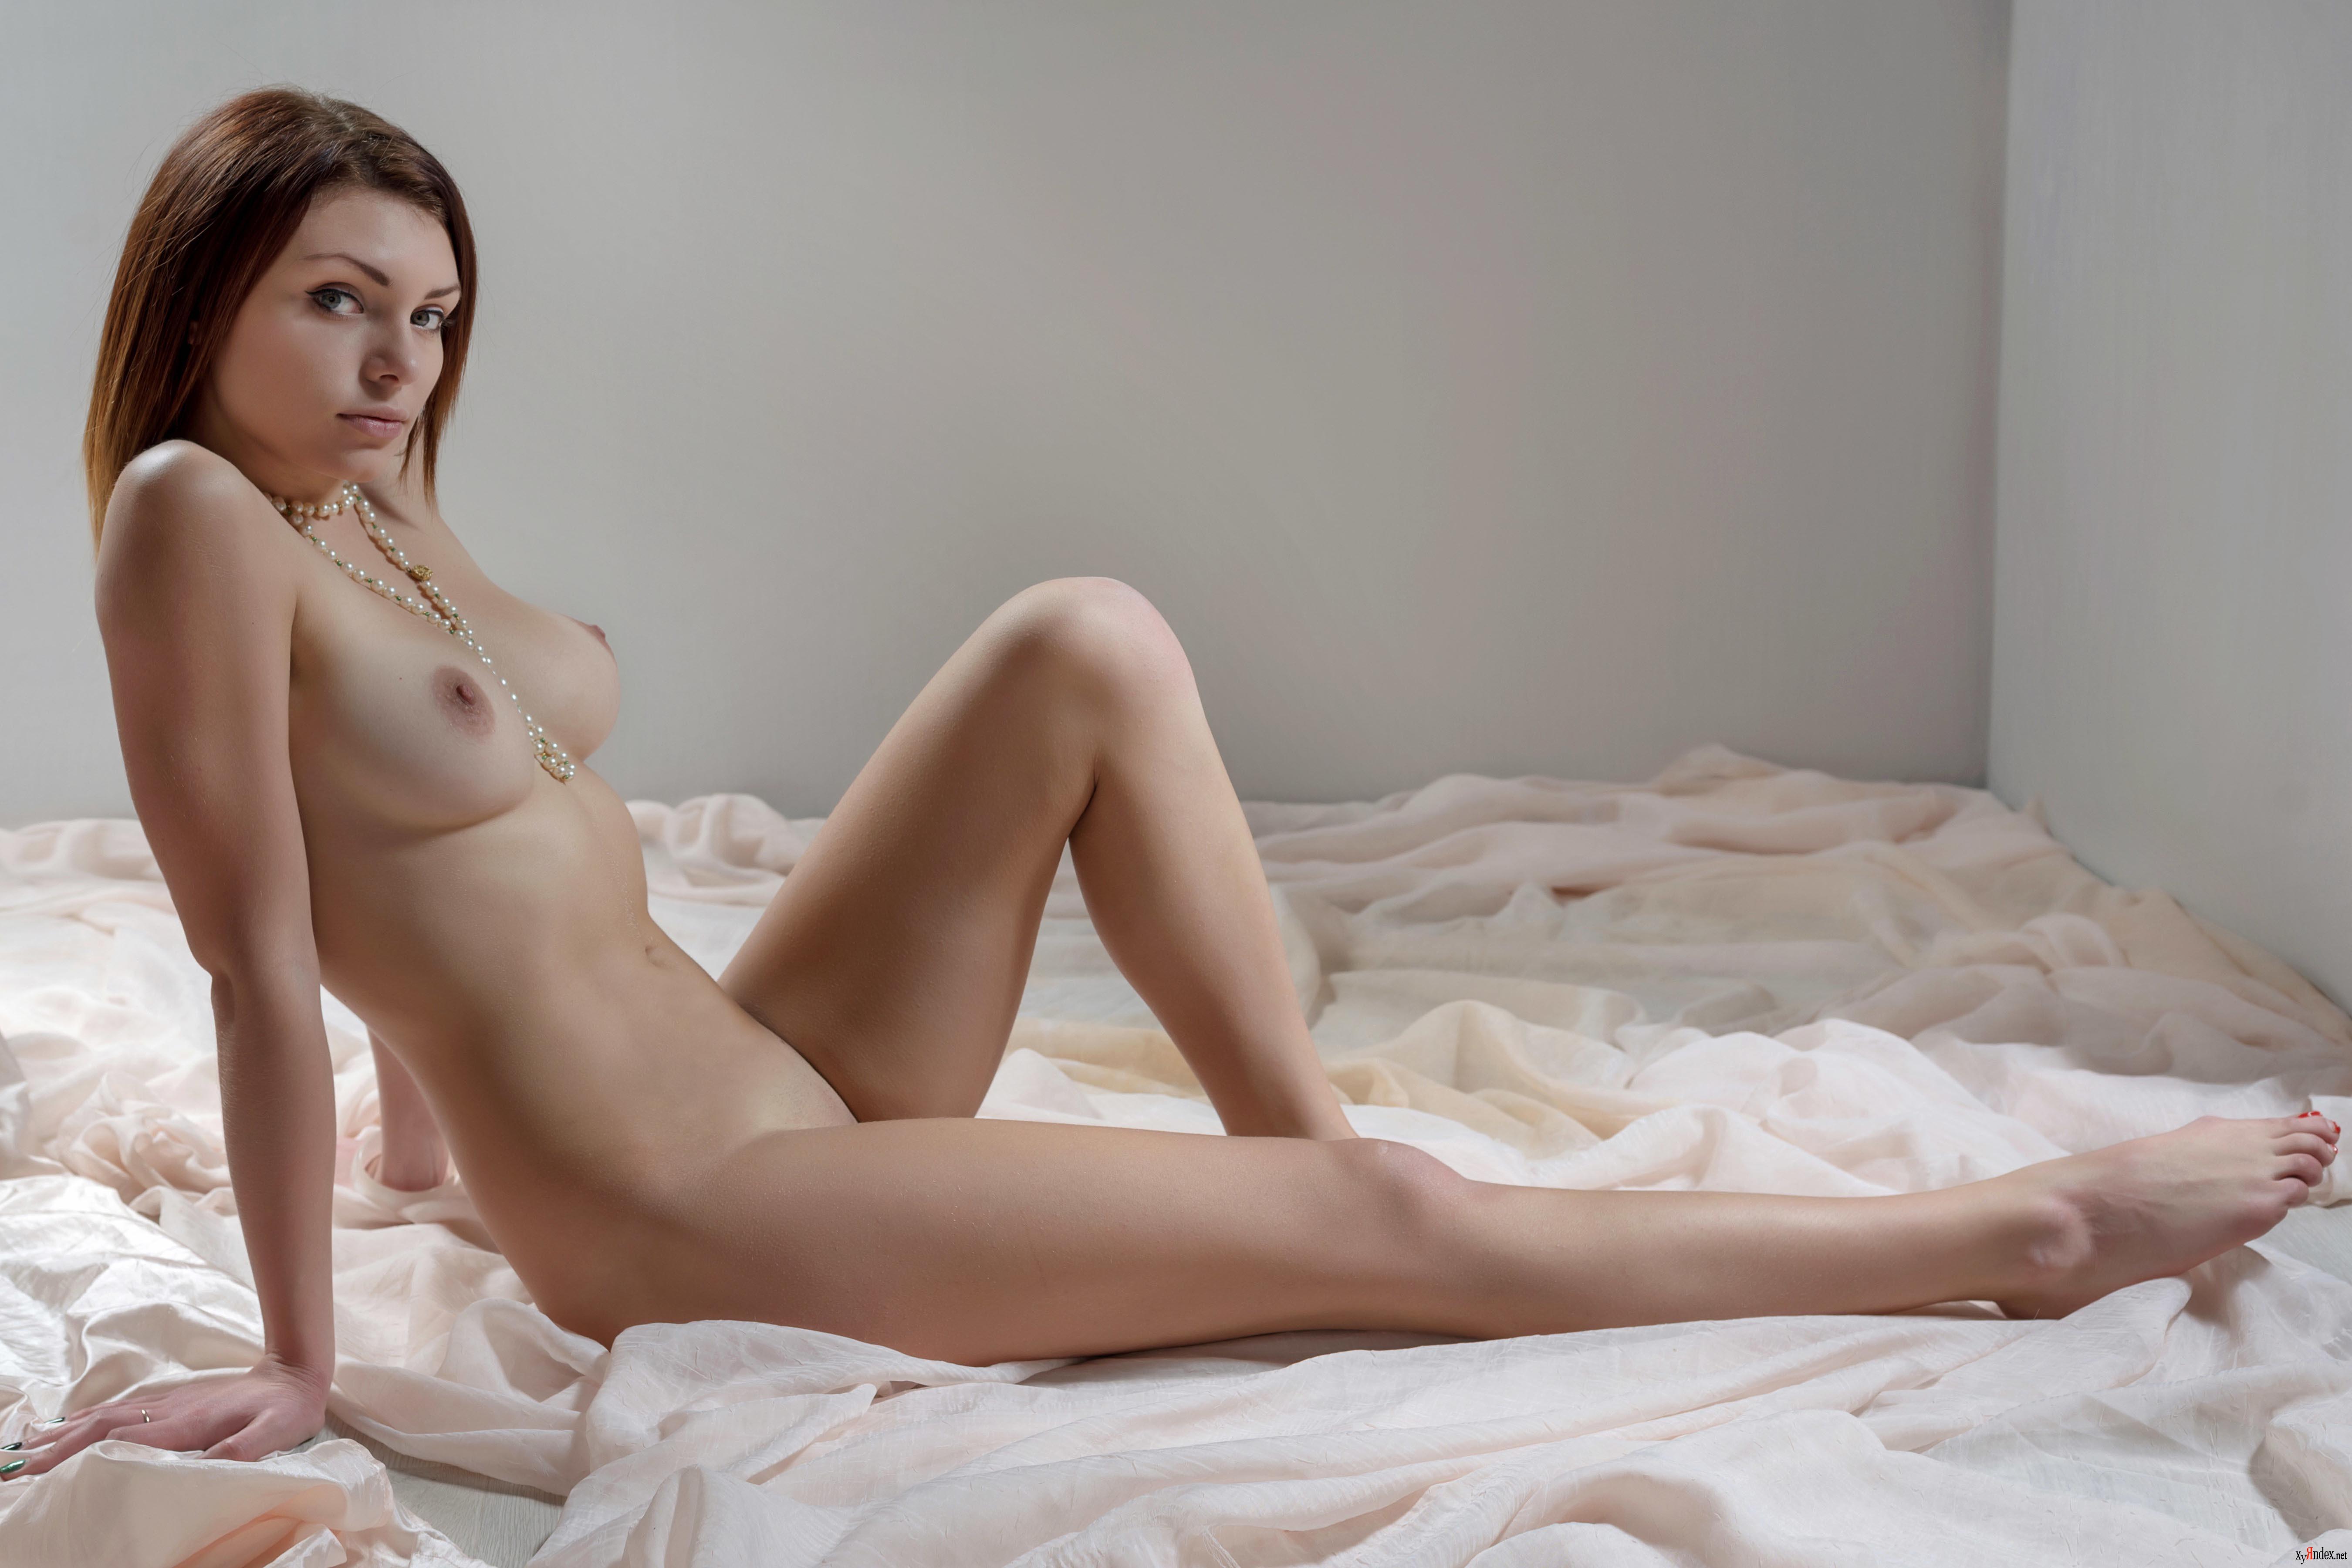 Девушка Красивая Голая Молодая Эротика